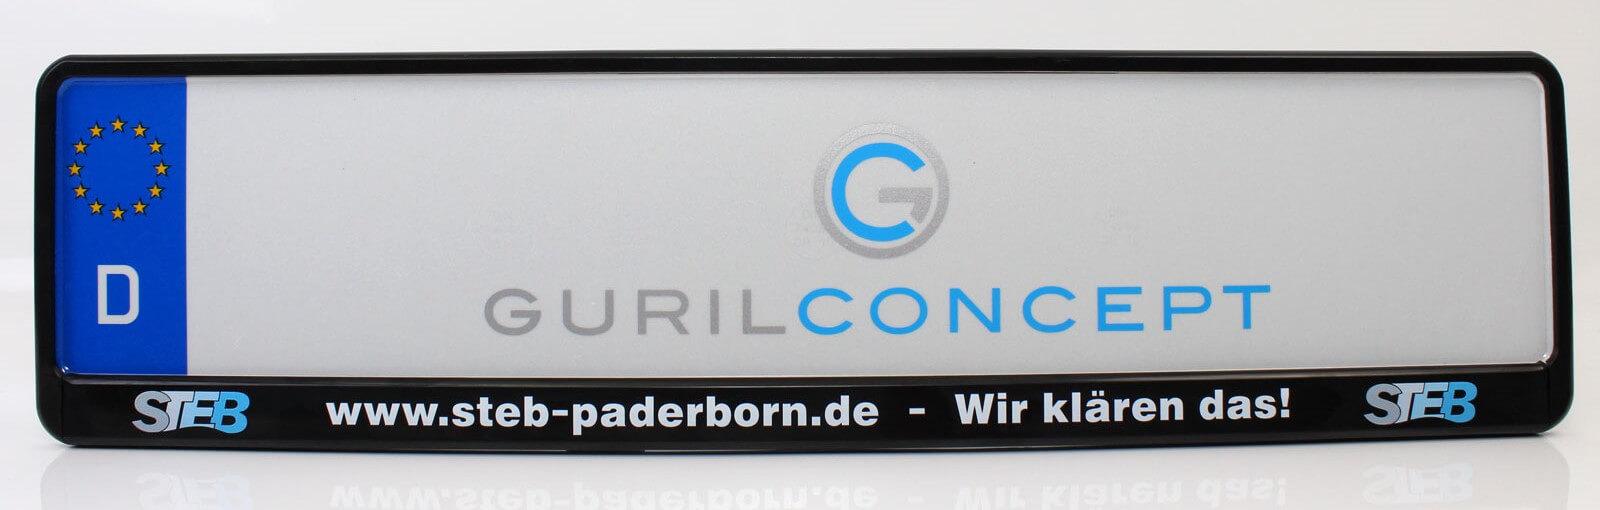 Beschrifteter Kenneichenhalter für STEB Paderborn